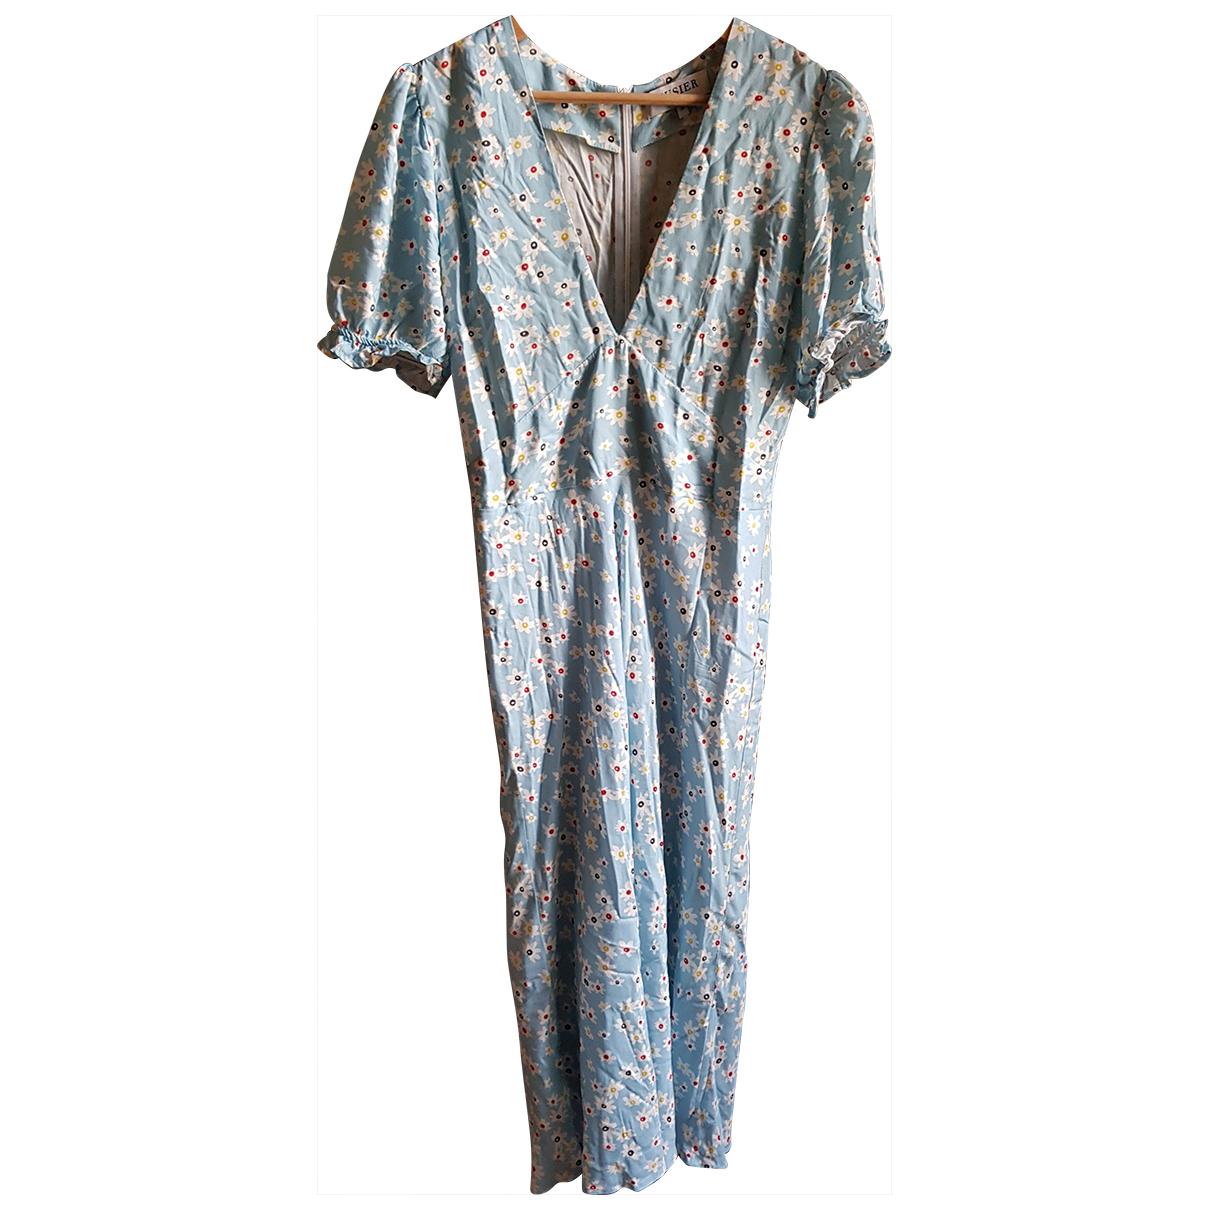 Musier \N Kleid in  Blau Viskose